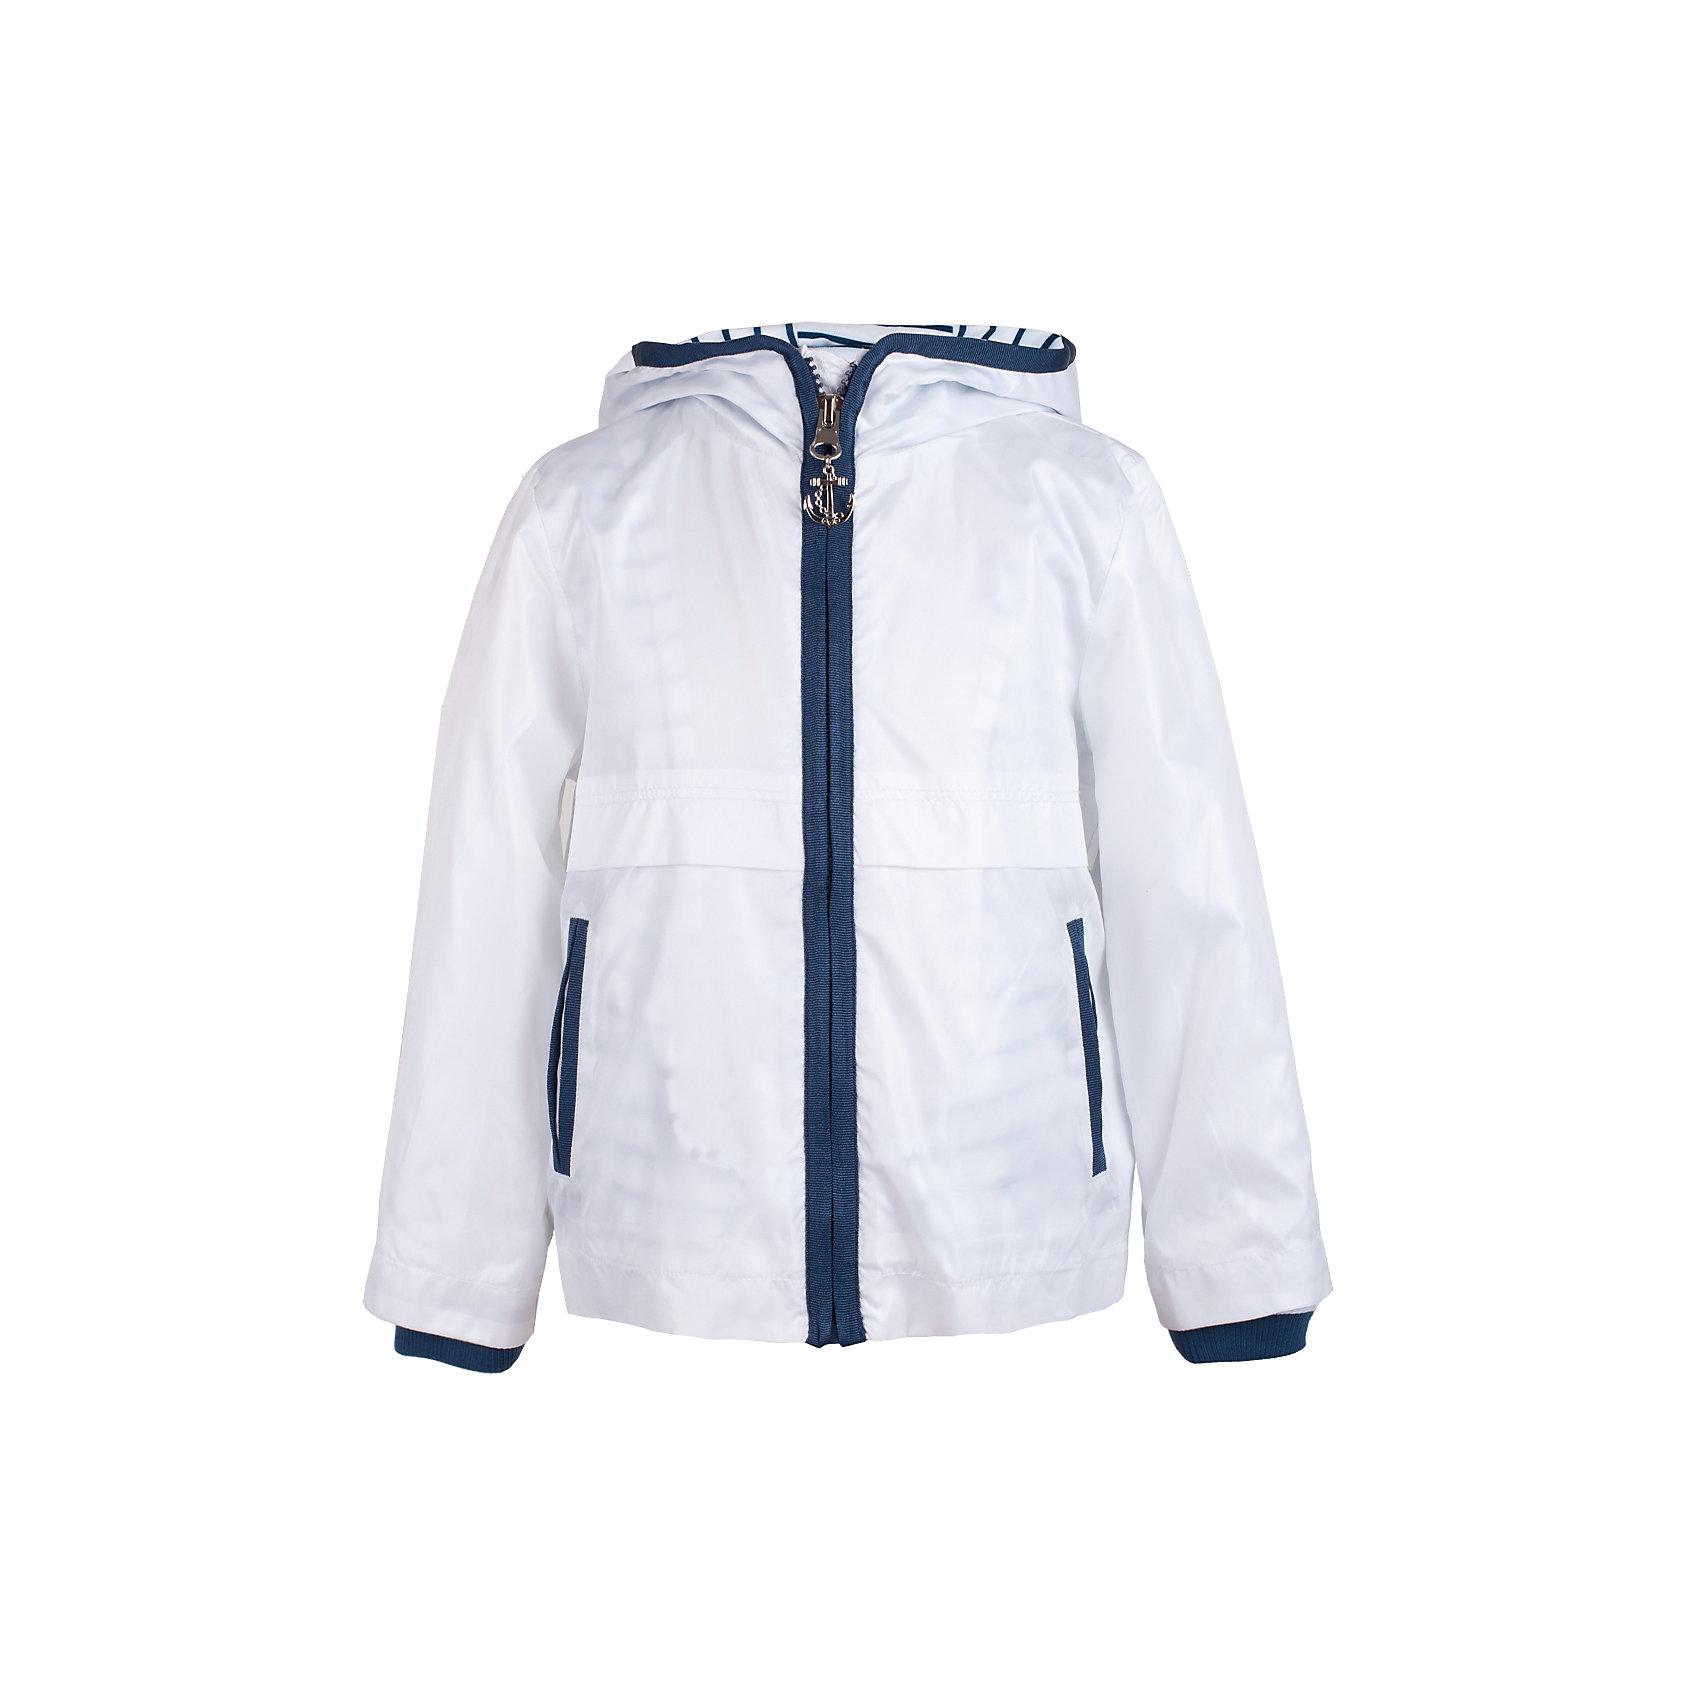 Куртка для девочки  BUTTON BLUEВерхняя одежда<br>Куртка для девочки  BUTTON BLUE<br>Белая ветровка с капюшоном - прекрасное решение для летней прохлады. Модная комфортная форма, продуманные детали подарят отличное настроение, мягкая трикотажная подкладка обеспечит уют, капюшон защитит от дождя и ветра. Если вы решили купить ветровку для девочки недорого, но хотите быть уверены в ее комфорте, качестве, высоких потребительских свойствах, ветровка Button Blue - то, что нужно!<br>Состав:<br>Ткань  верха: 100%  полиэстер, подклад: 100% хлопок/ 100% полиэстер<br><br>Ширина мм: 356<br>Глубина мм: 10<br>Высота мм: 245<br>Вес г: 519<br>Цвет: белый<br>Возраст от месяцев: 60<br>Возраст до месяцев: 72<br>Пол: Женский<br>Возраст: Детский<br>Размер: 116,122,128,134,140,146,98,152,104,110,158<br>SKU: 5523364